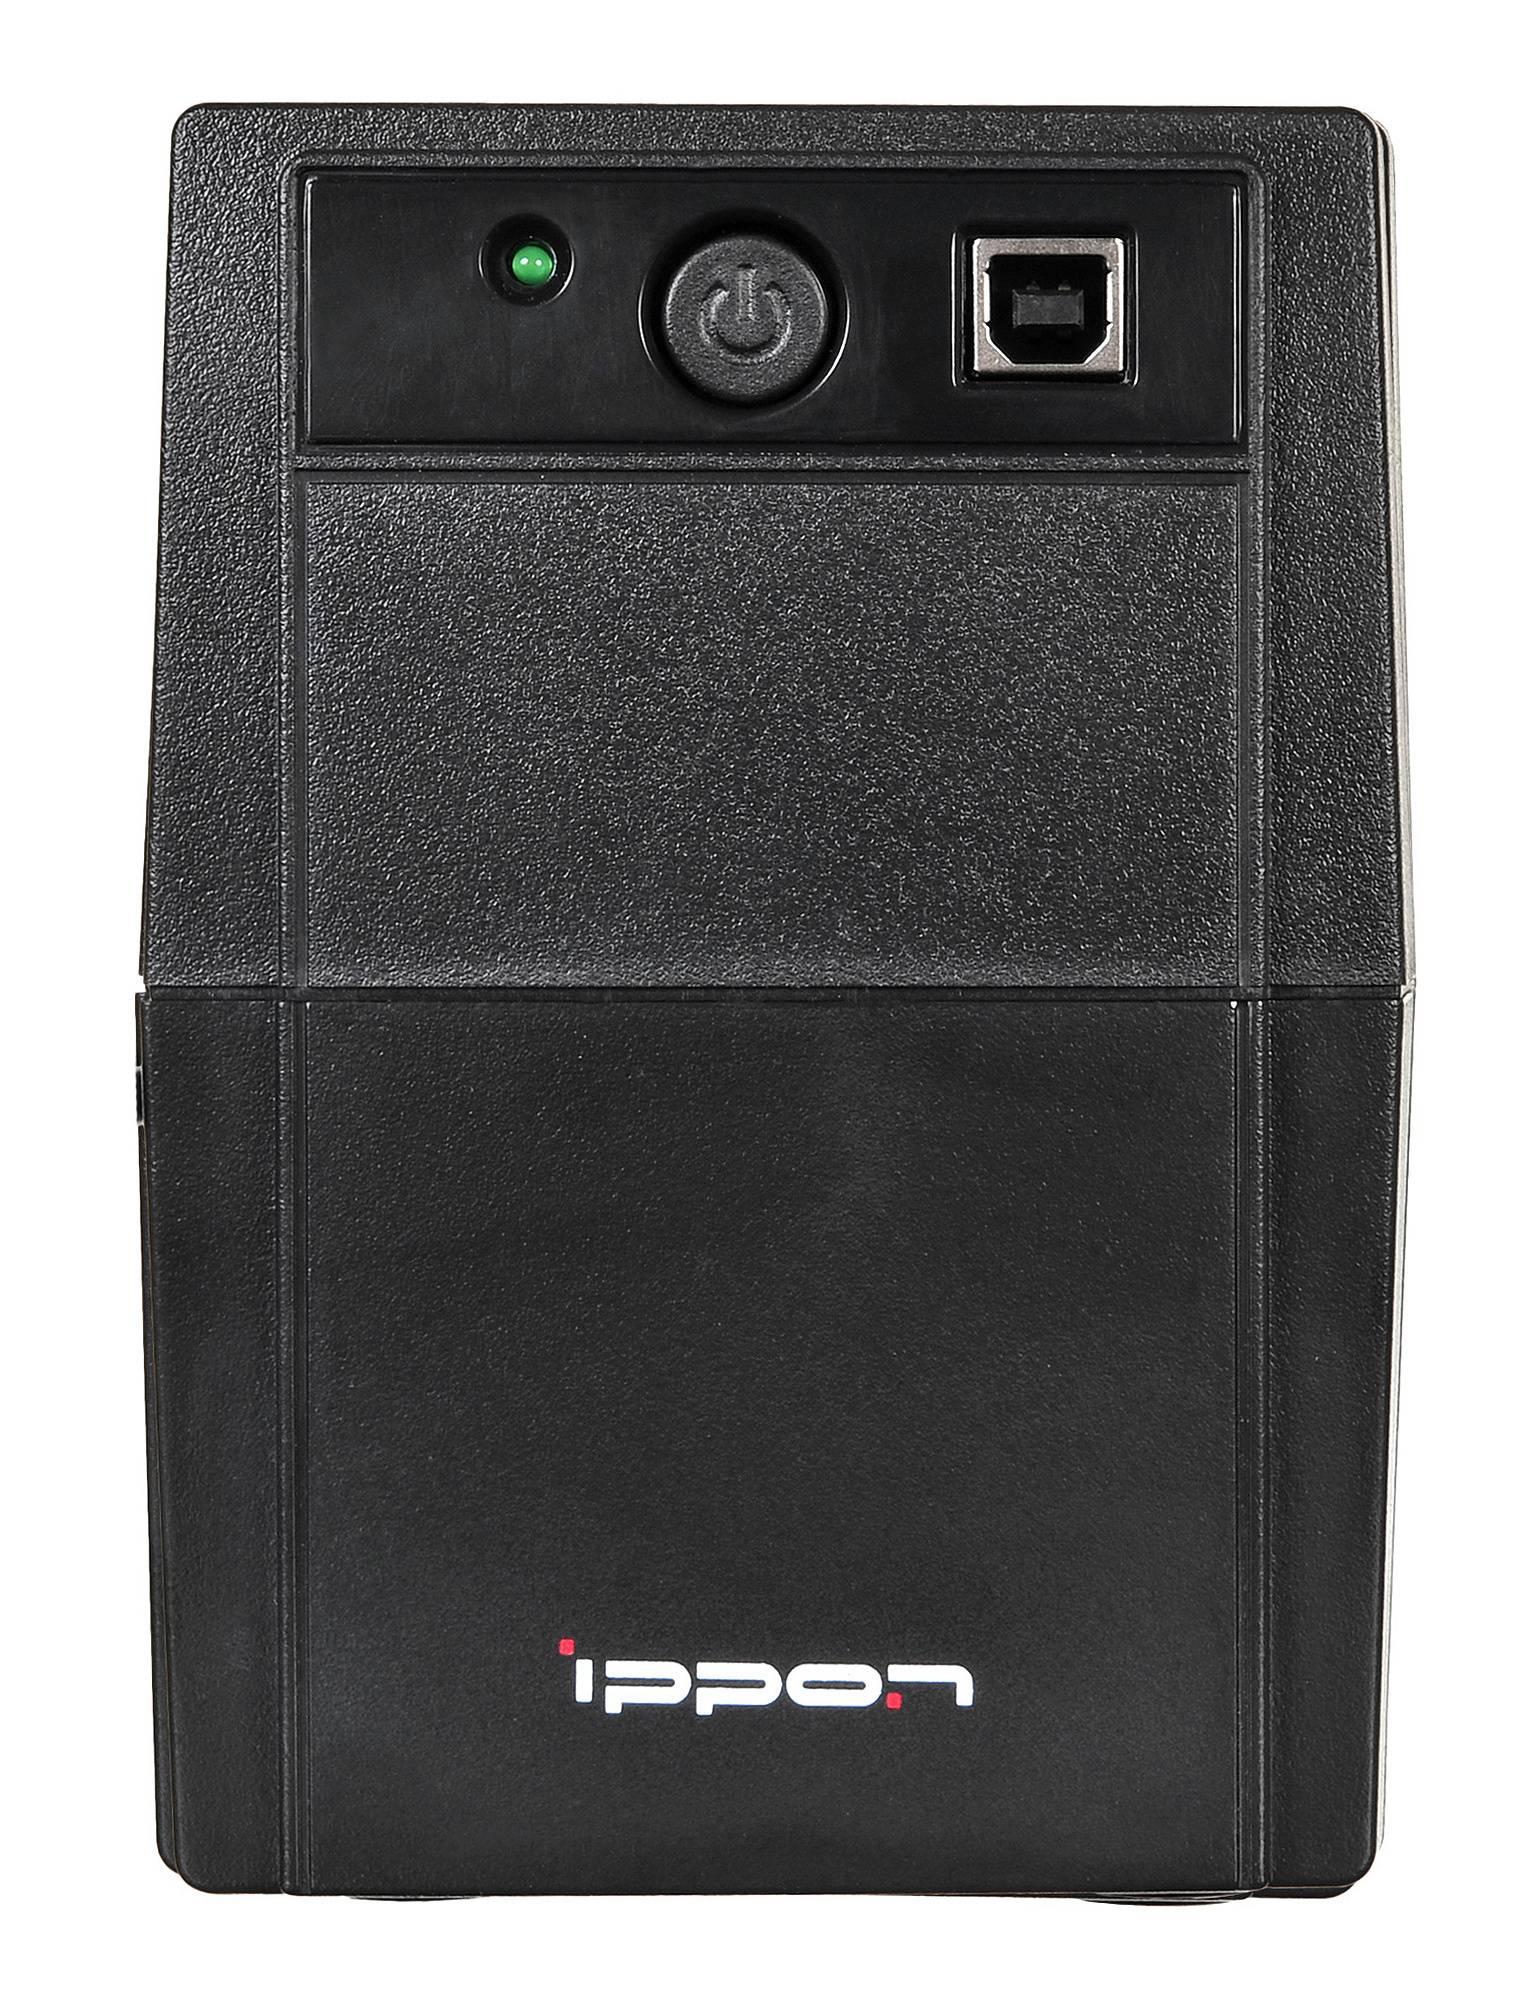 ИБП Ippon Back Basic 850 (403406) - фото 1